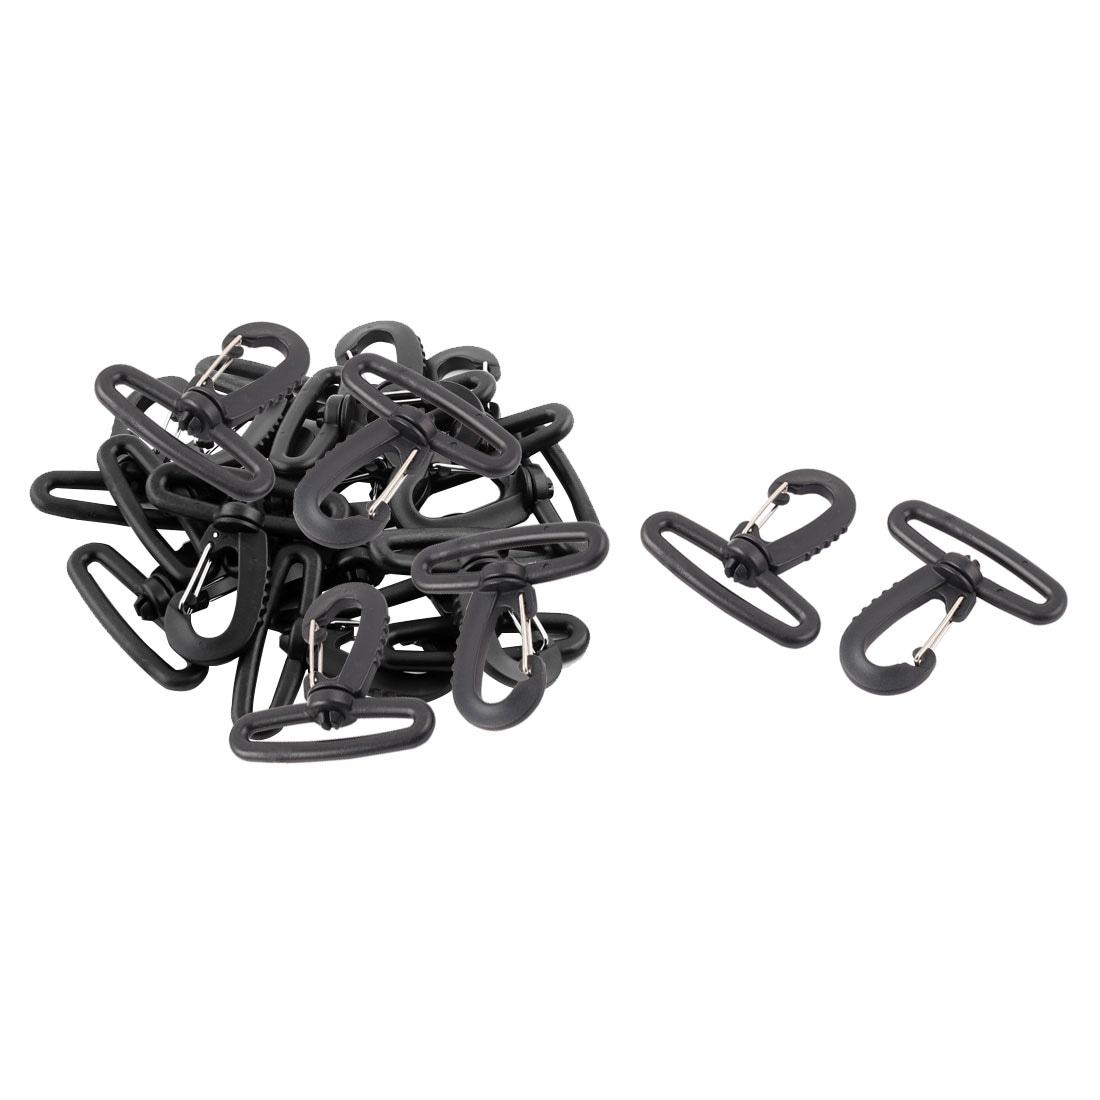 20pcs Plastic Swivel Snap Hook Clip Backpack Bag Belt Strap Rope Buckle